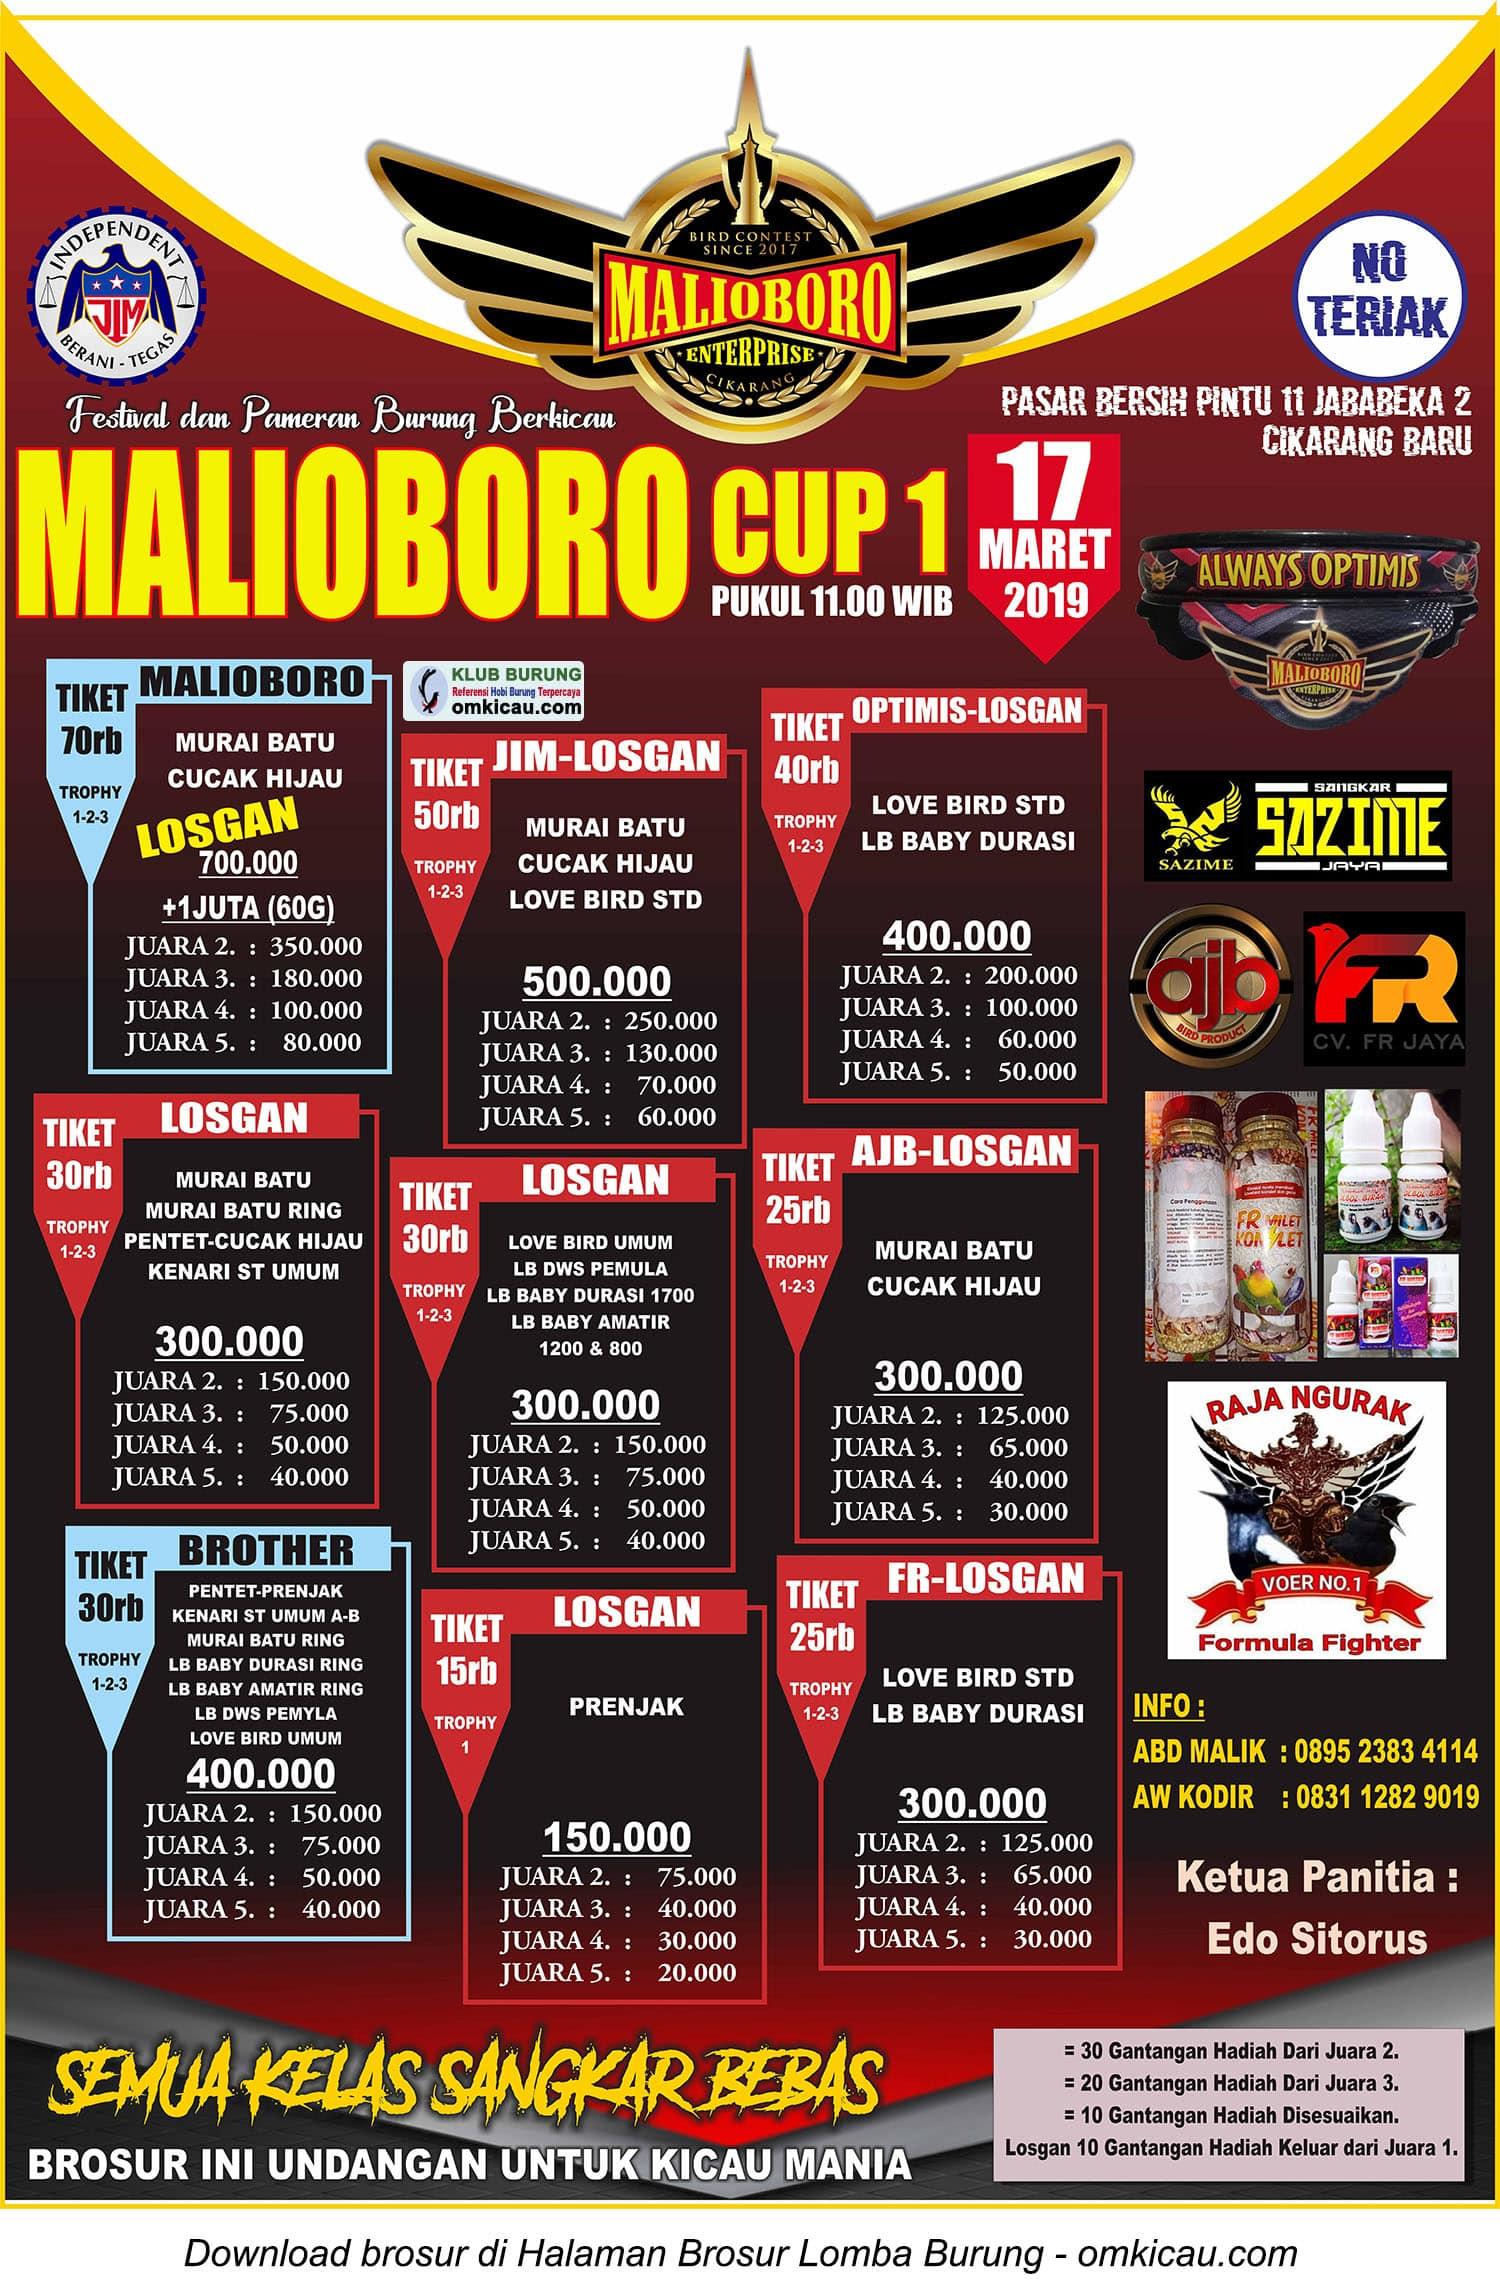 Malioboro Cup 1